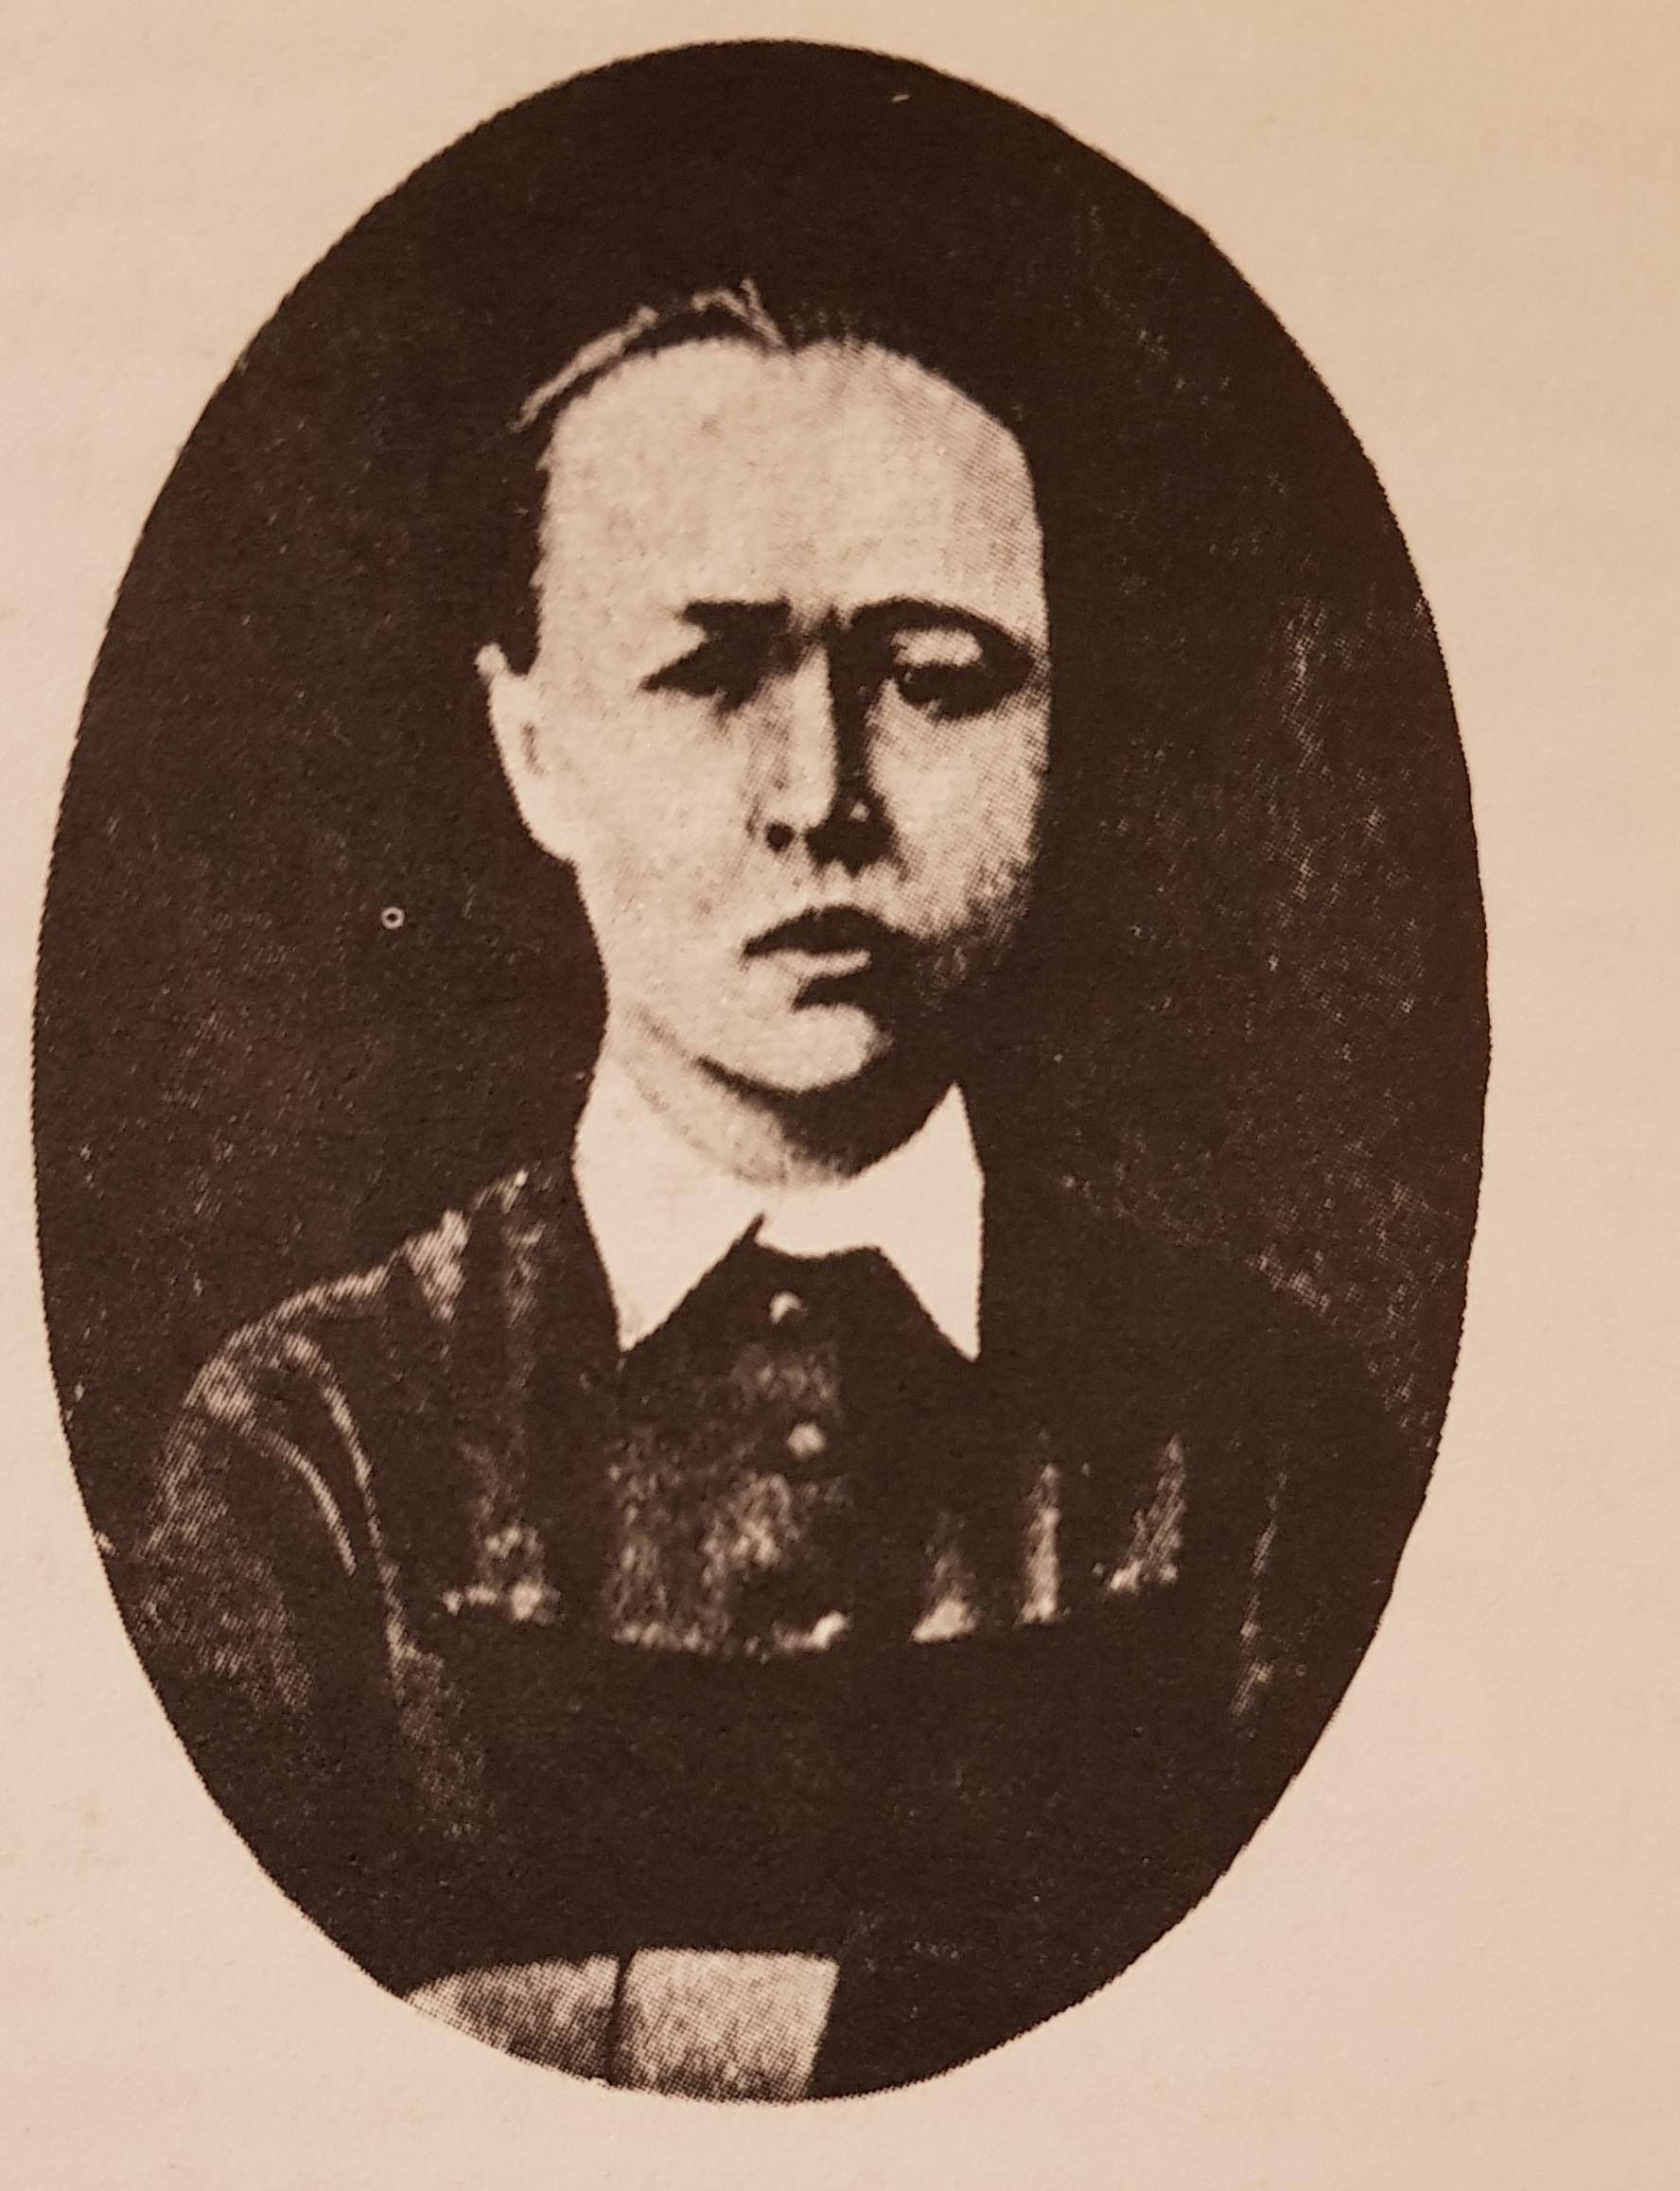 Irina Kakhovskaya - repressed revolutionary 61